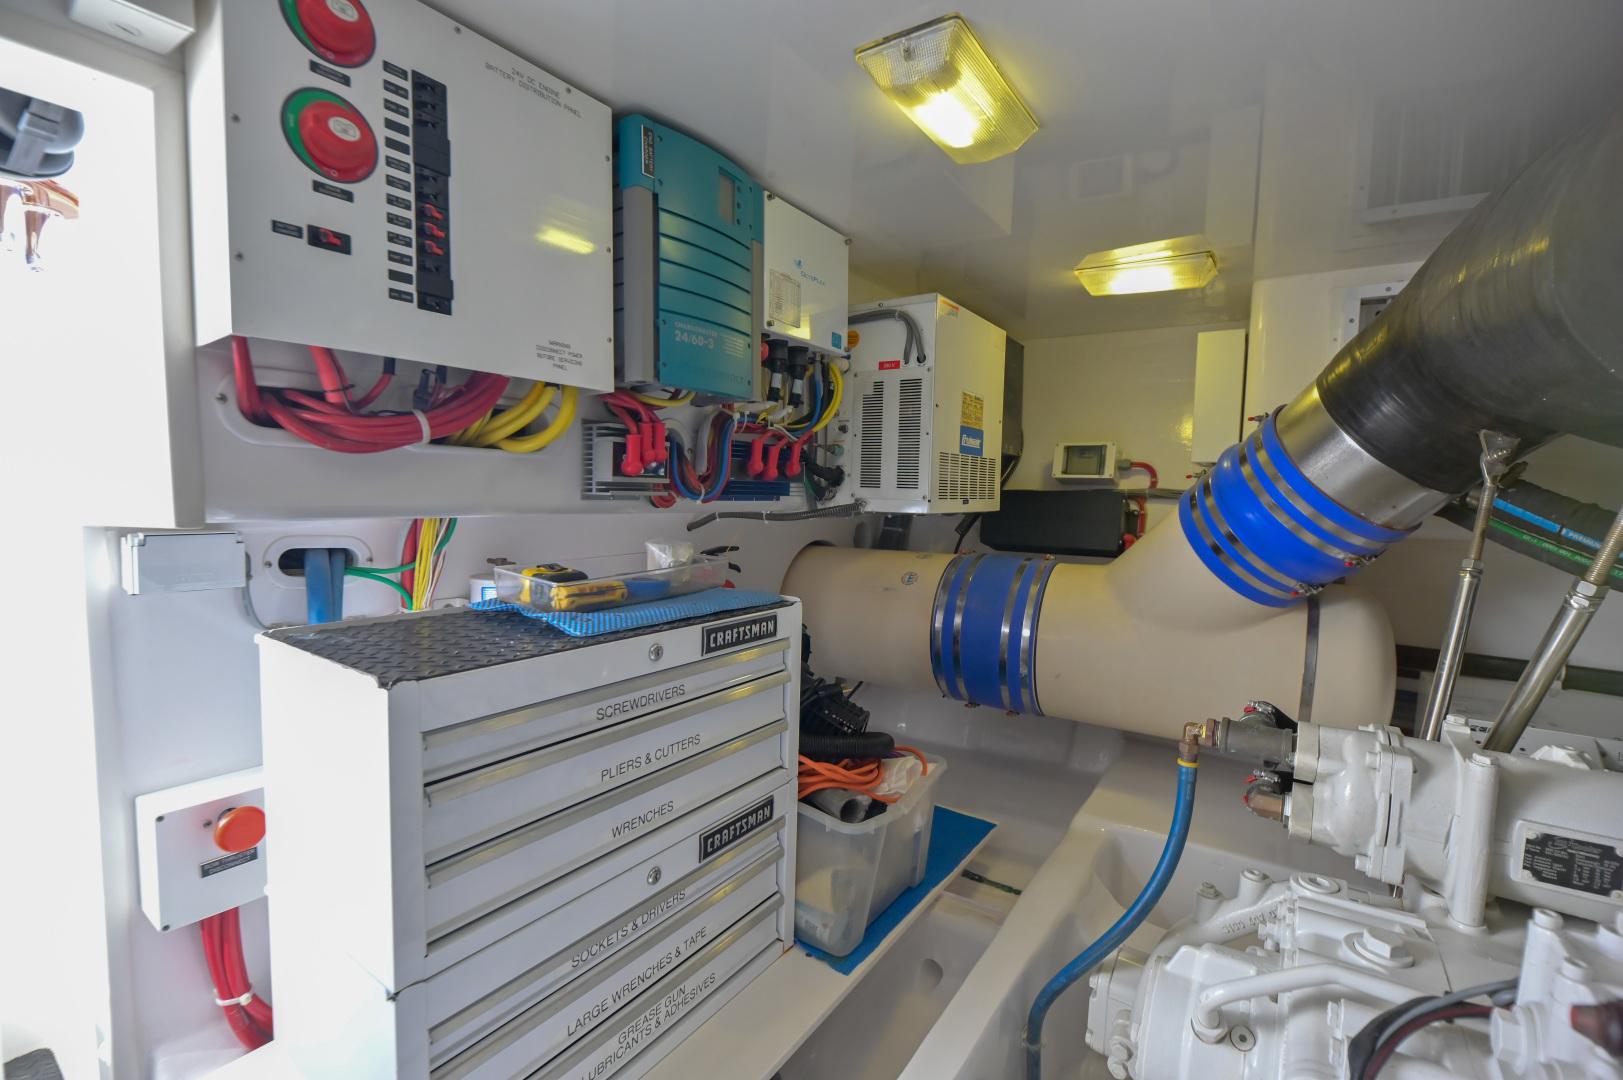 Viking-62 Convertible 2014-Mixer Playa Herradura, Los Suenos,-Costa Rica-2014 Viking 62 Convertible  Engine Room-1356263 | Thumbnail